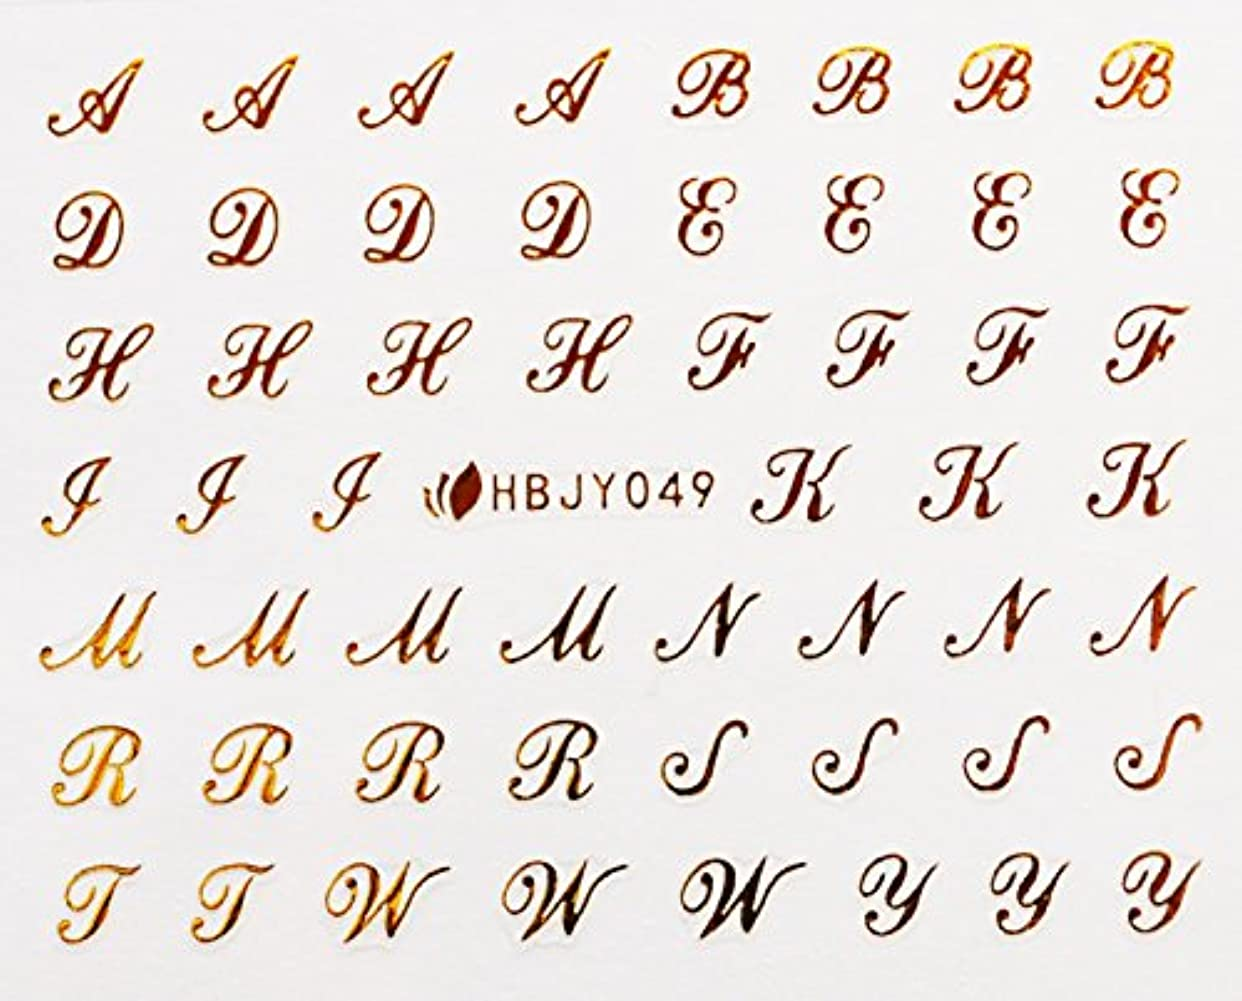 老人ホバー専門アルファベットやメッセージ柄のネイルシール (筆記体GOLD)